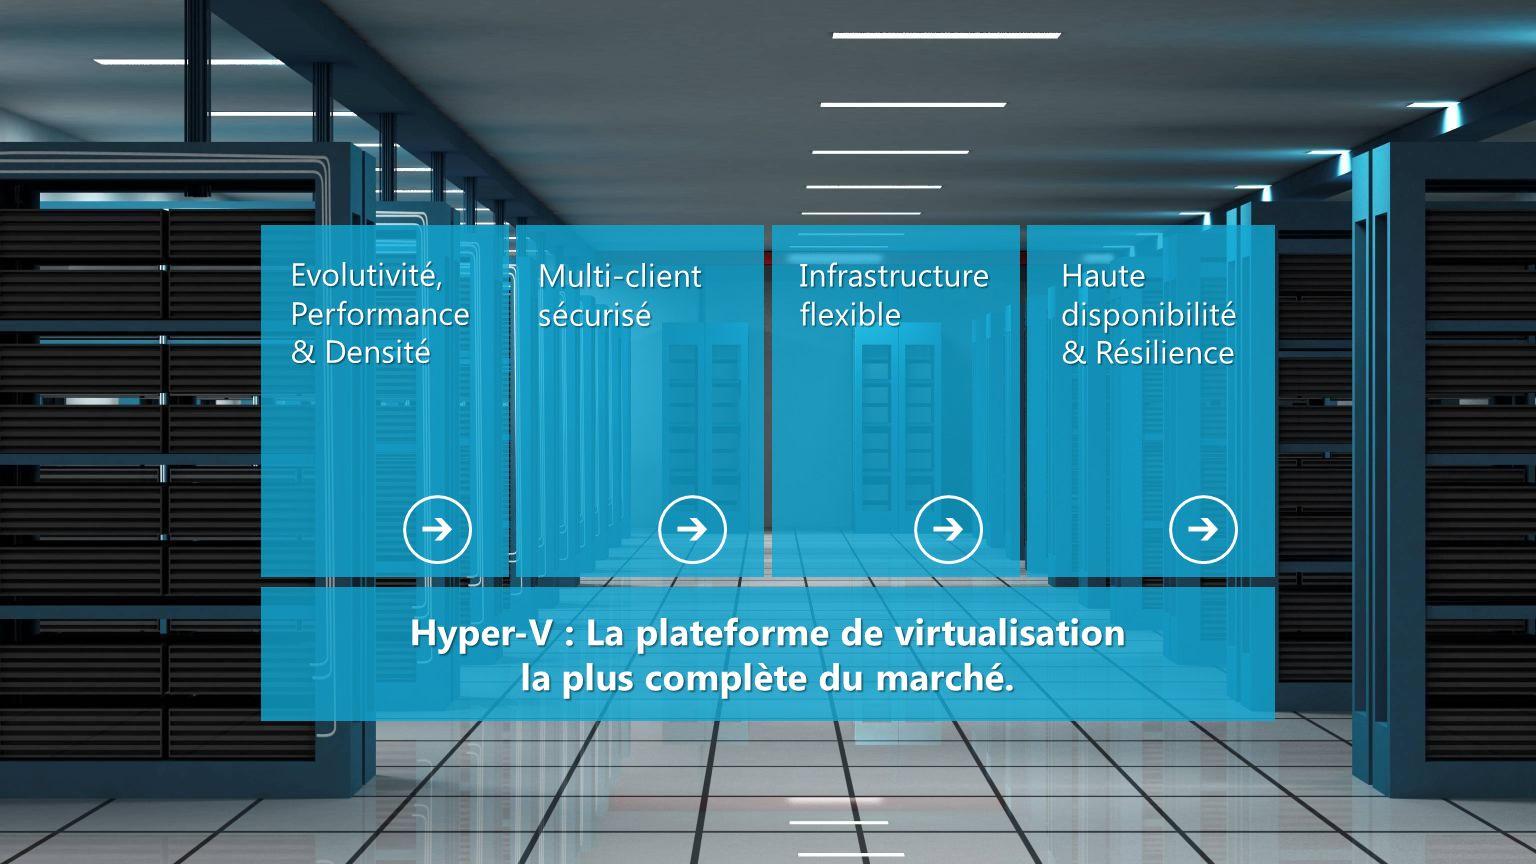 Hyper-V : La plateforme de virtualisation la plus complète du marché.